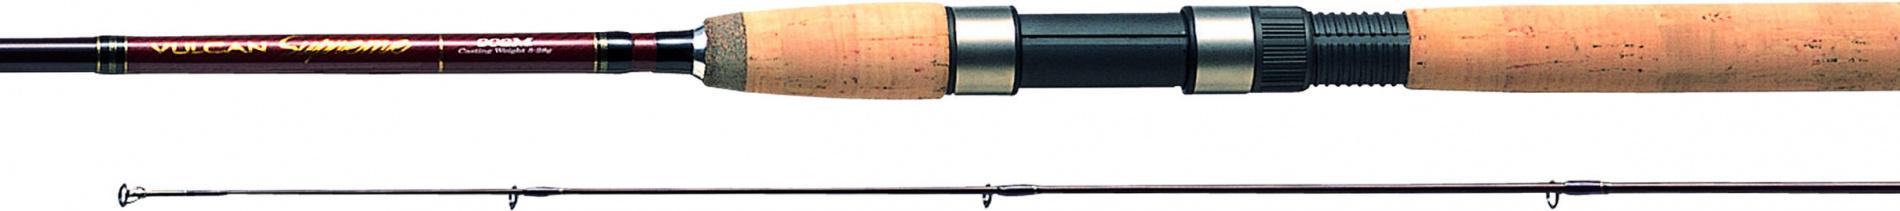 Спиннинг штек. DAIWA Vulcan Supreme 802 ML 2,40м (5-15г)Спинниги<br>Профессиональные спиннинги, которые отвечают <br>любым требованиям рыболова . » Изготовлены <br>из высококачественного углепластика » <br>Быстрый строй » Широкий выбор из 14 моделей <br>(от 7 до 10 футов) » Высококачественный катушкодержатель <br>Fuji » Высококачественная пробковая рукоятка<br>